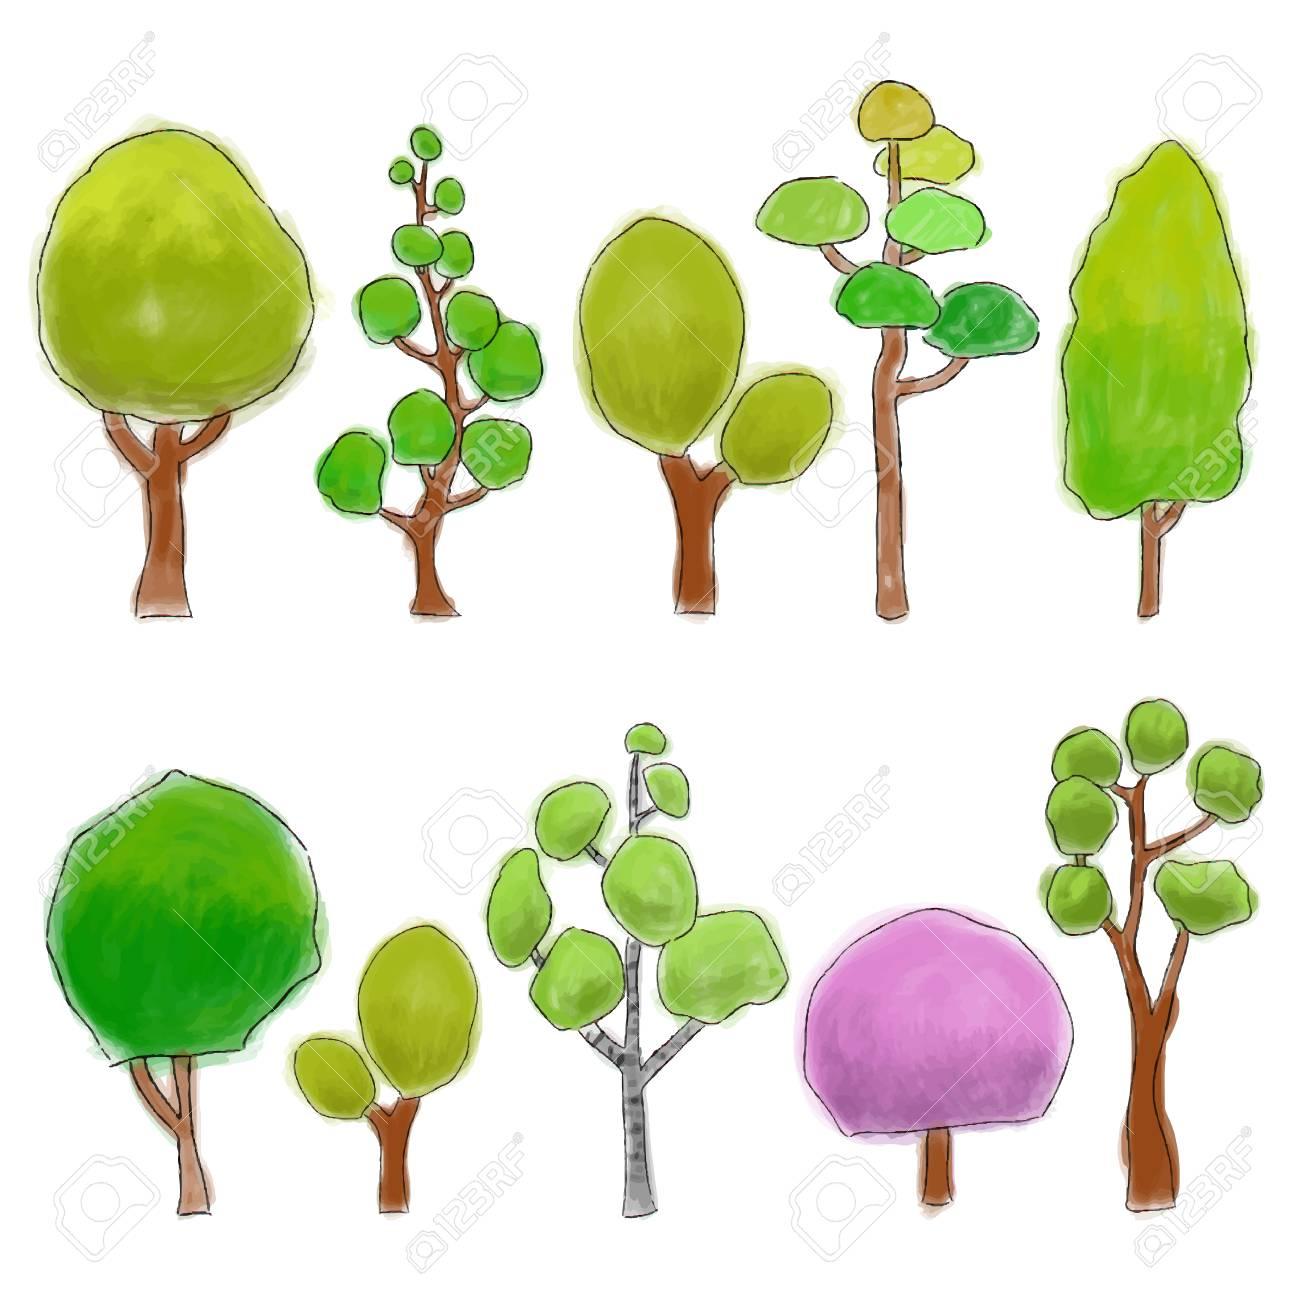 Diferentes Tipos De árboles De Dibujos Animados De Colores, Ilustración  Acuarela Ilustraciones Vectoriales, Clip Art Vectorizado Libre De Derechos.  Image 84589272.